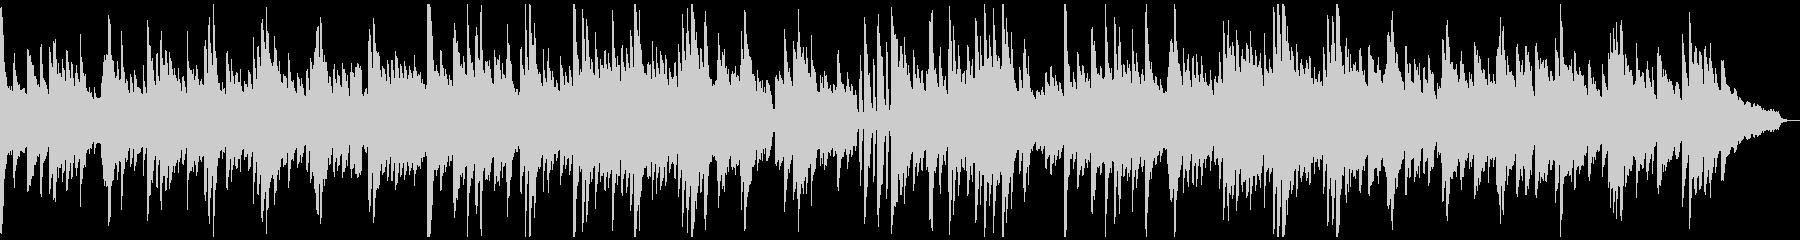 切ないクラシカルなピアノソロの未再生の波形